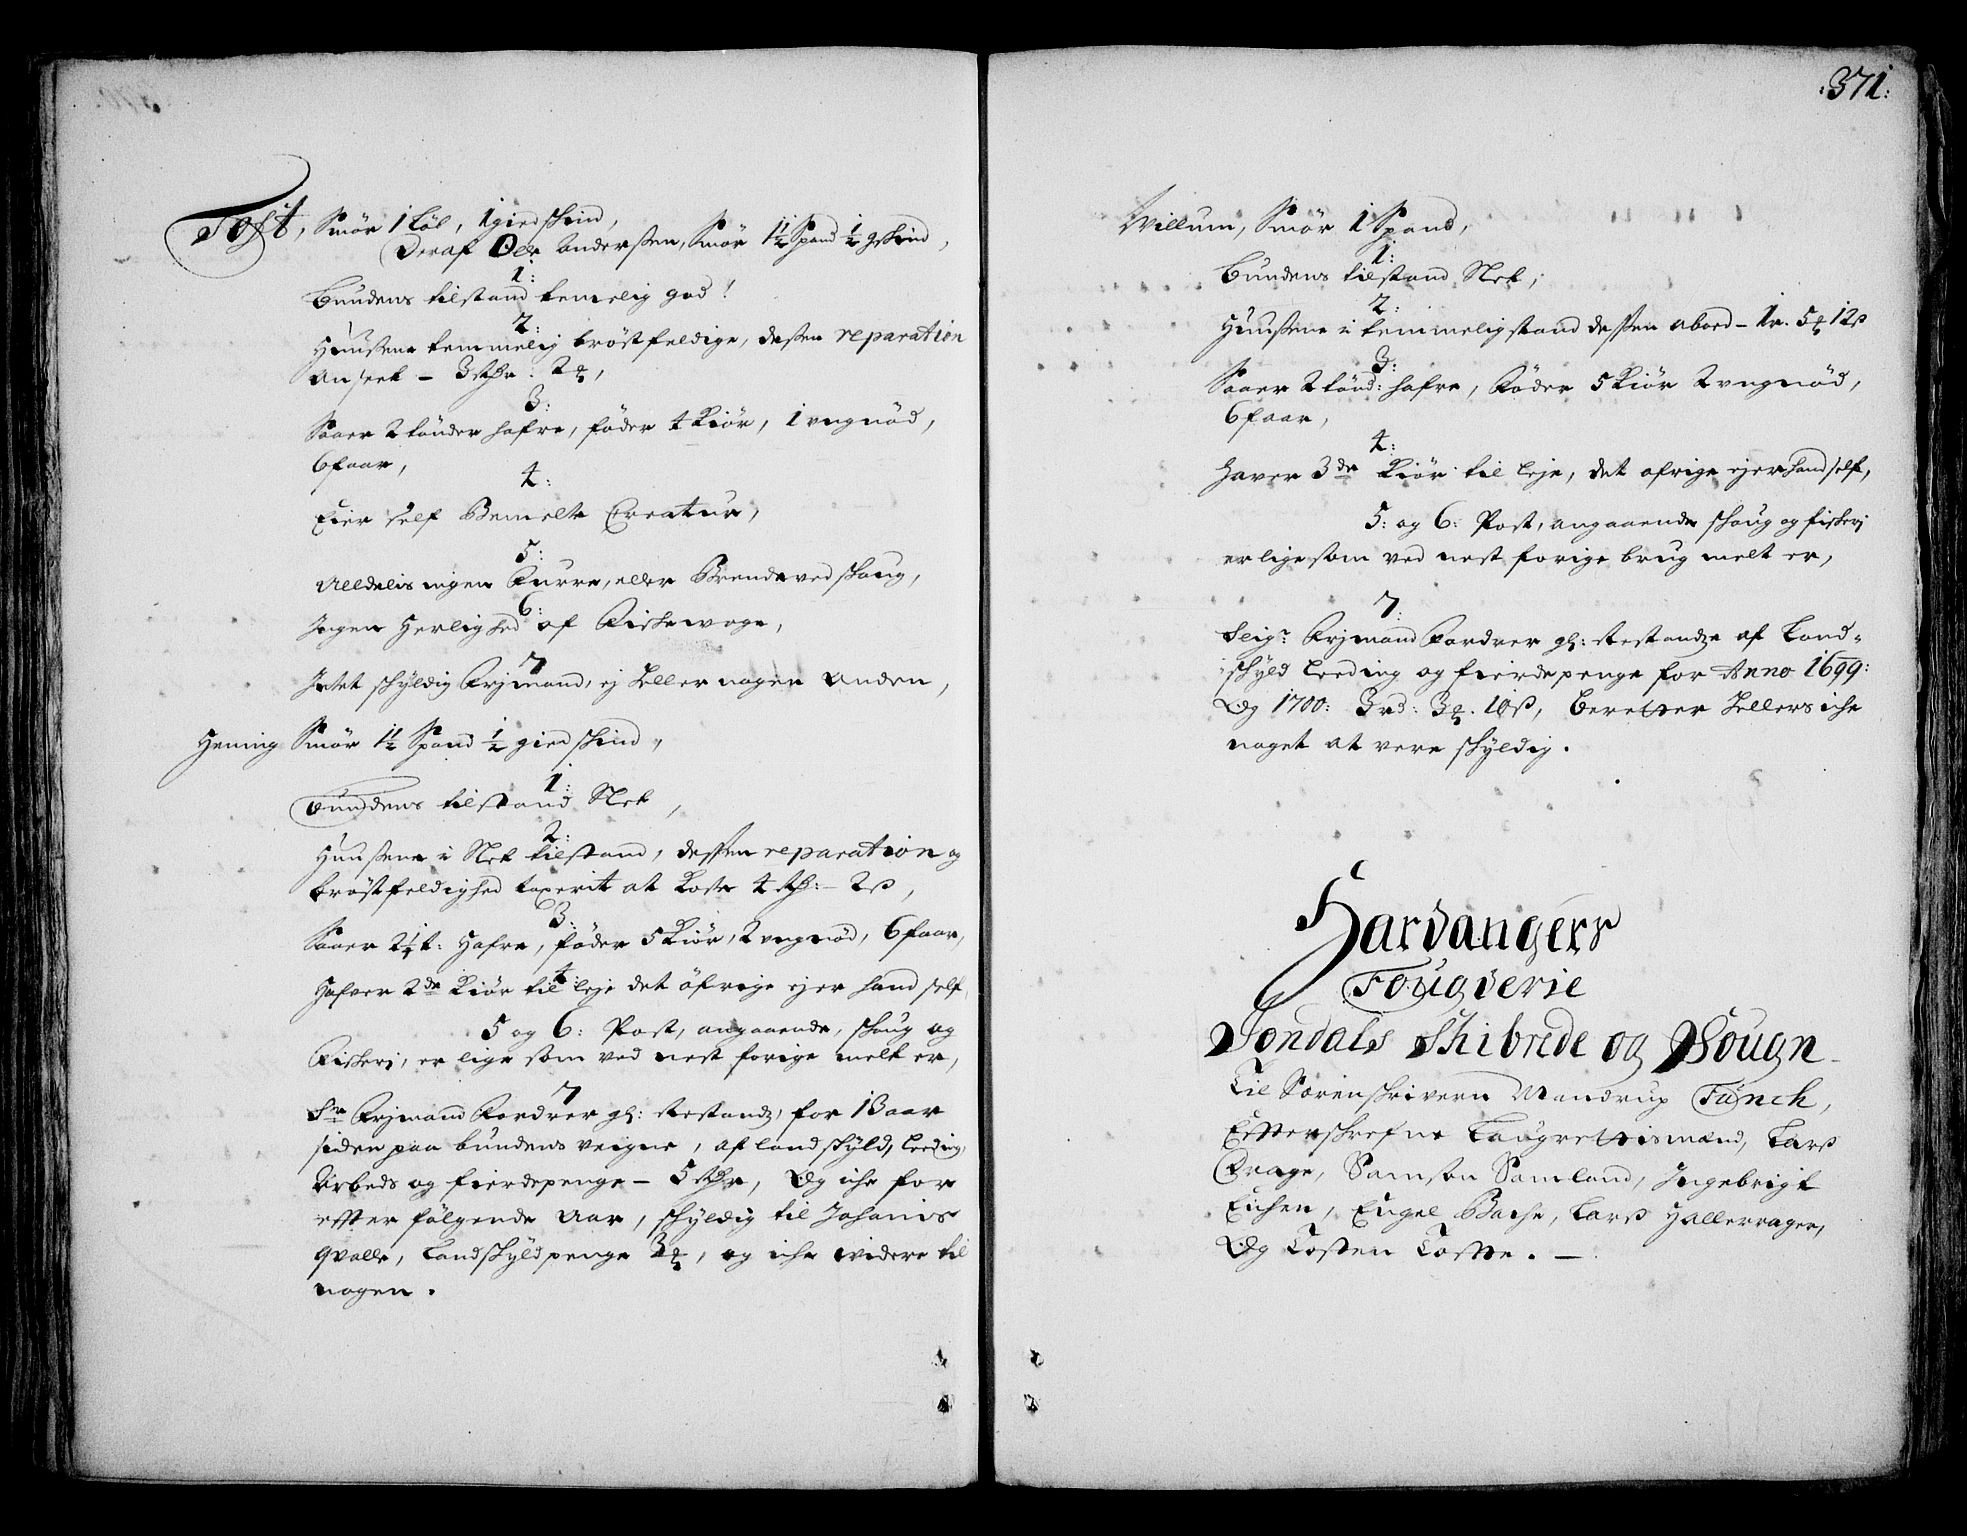 RA, Rentekammeret inntil 1814, Realistisk ordnet avdeling, On/L0002: [Jj 3]: Besiktigelsesforretninger over Halsnøy klosters gods, 1659-1703, s. 370b-371a